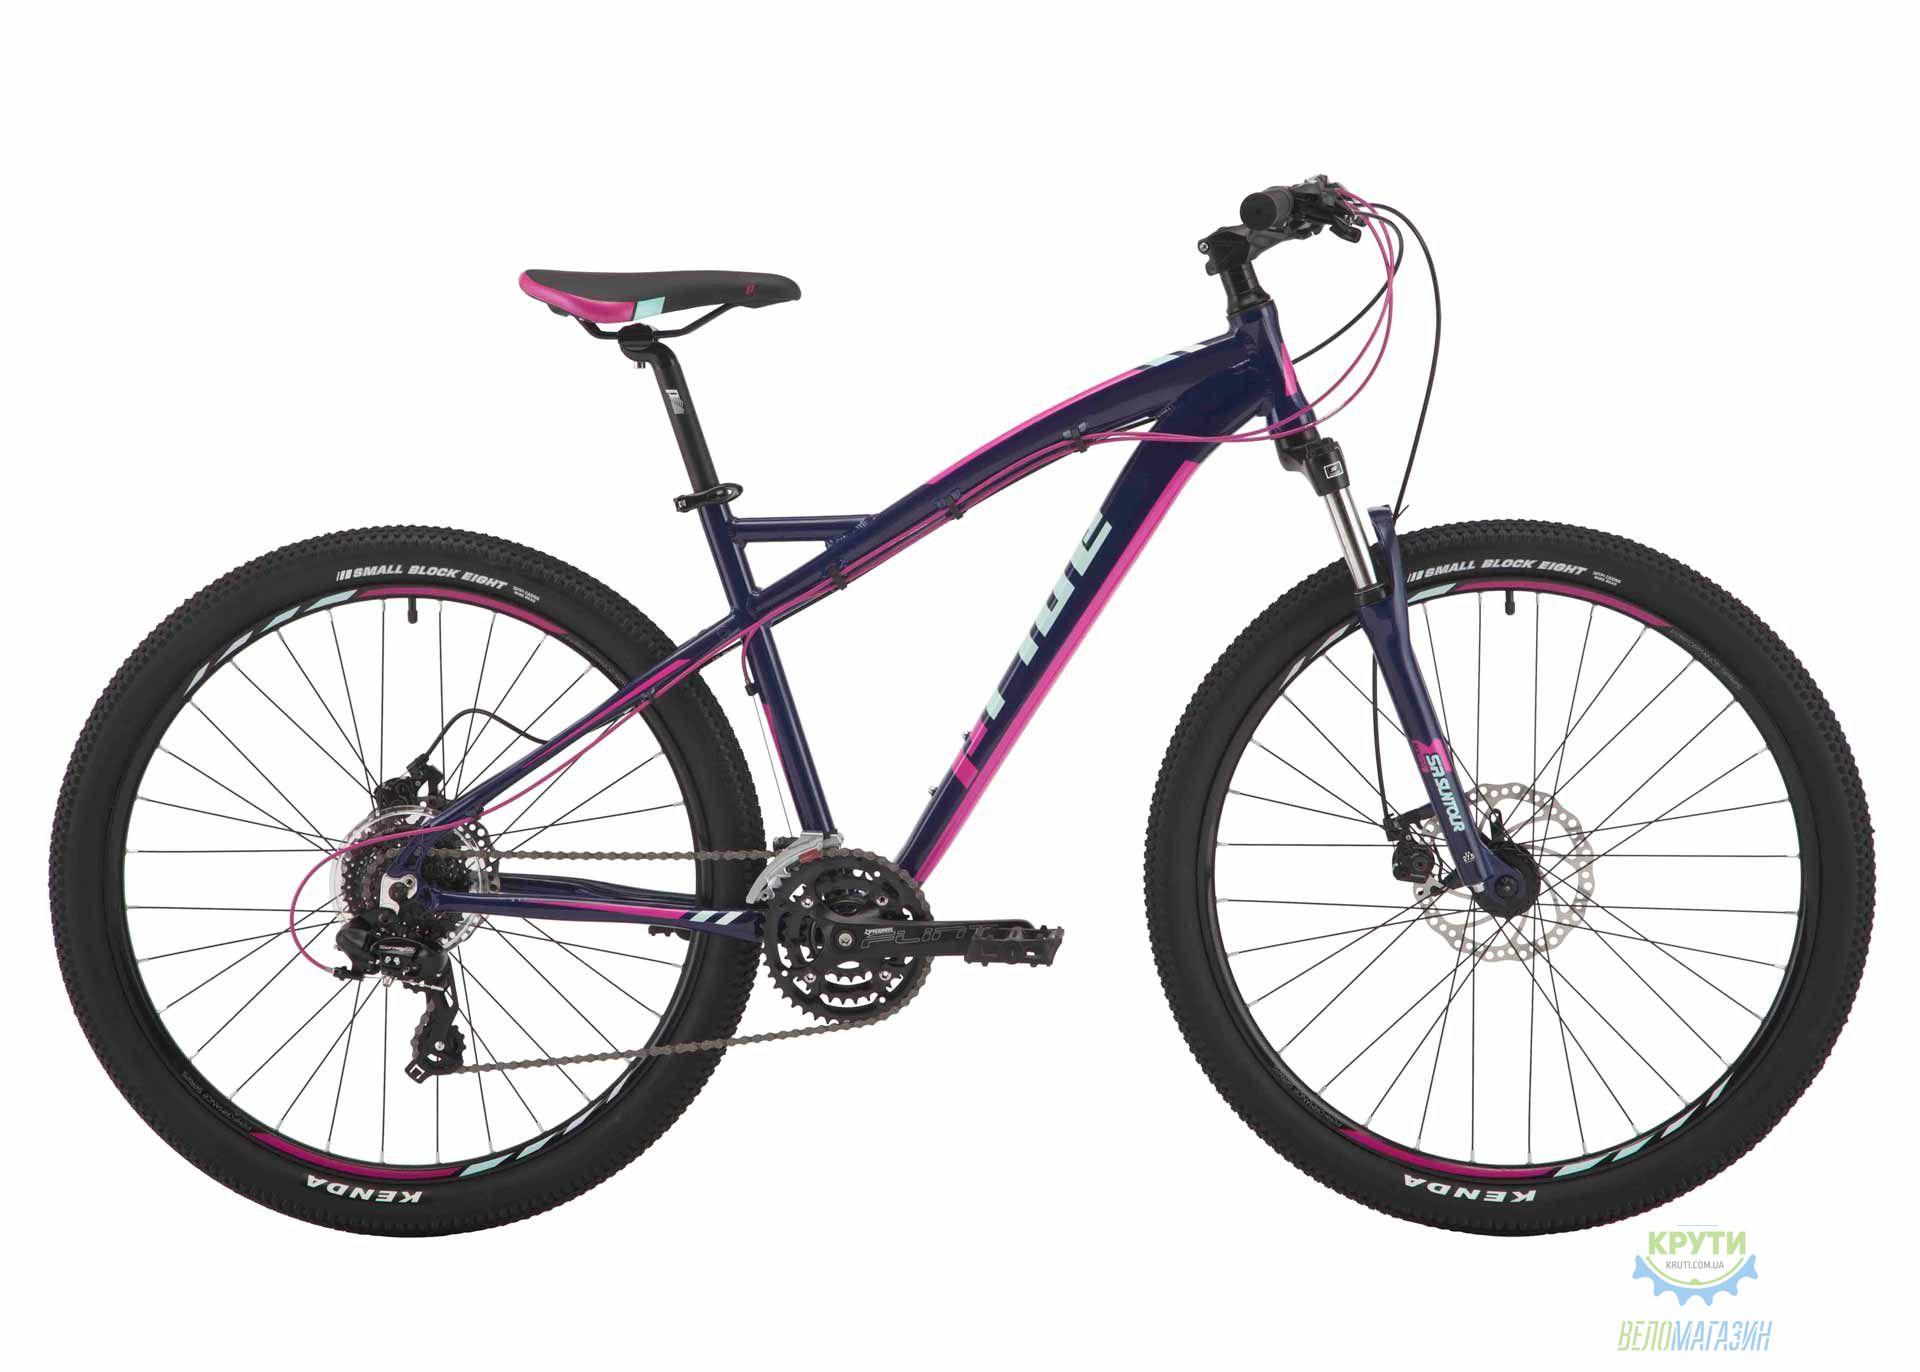 Велосипед 27,5 Pride Roxy 7.2 рама - 18 тёмно-синий/малиновый/мятный 2017